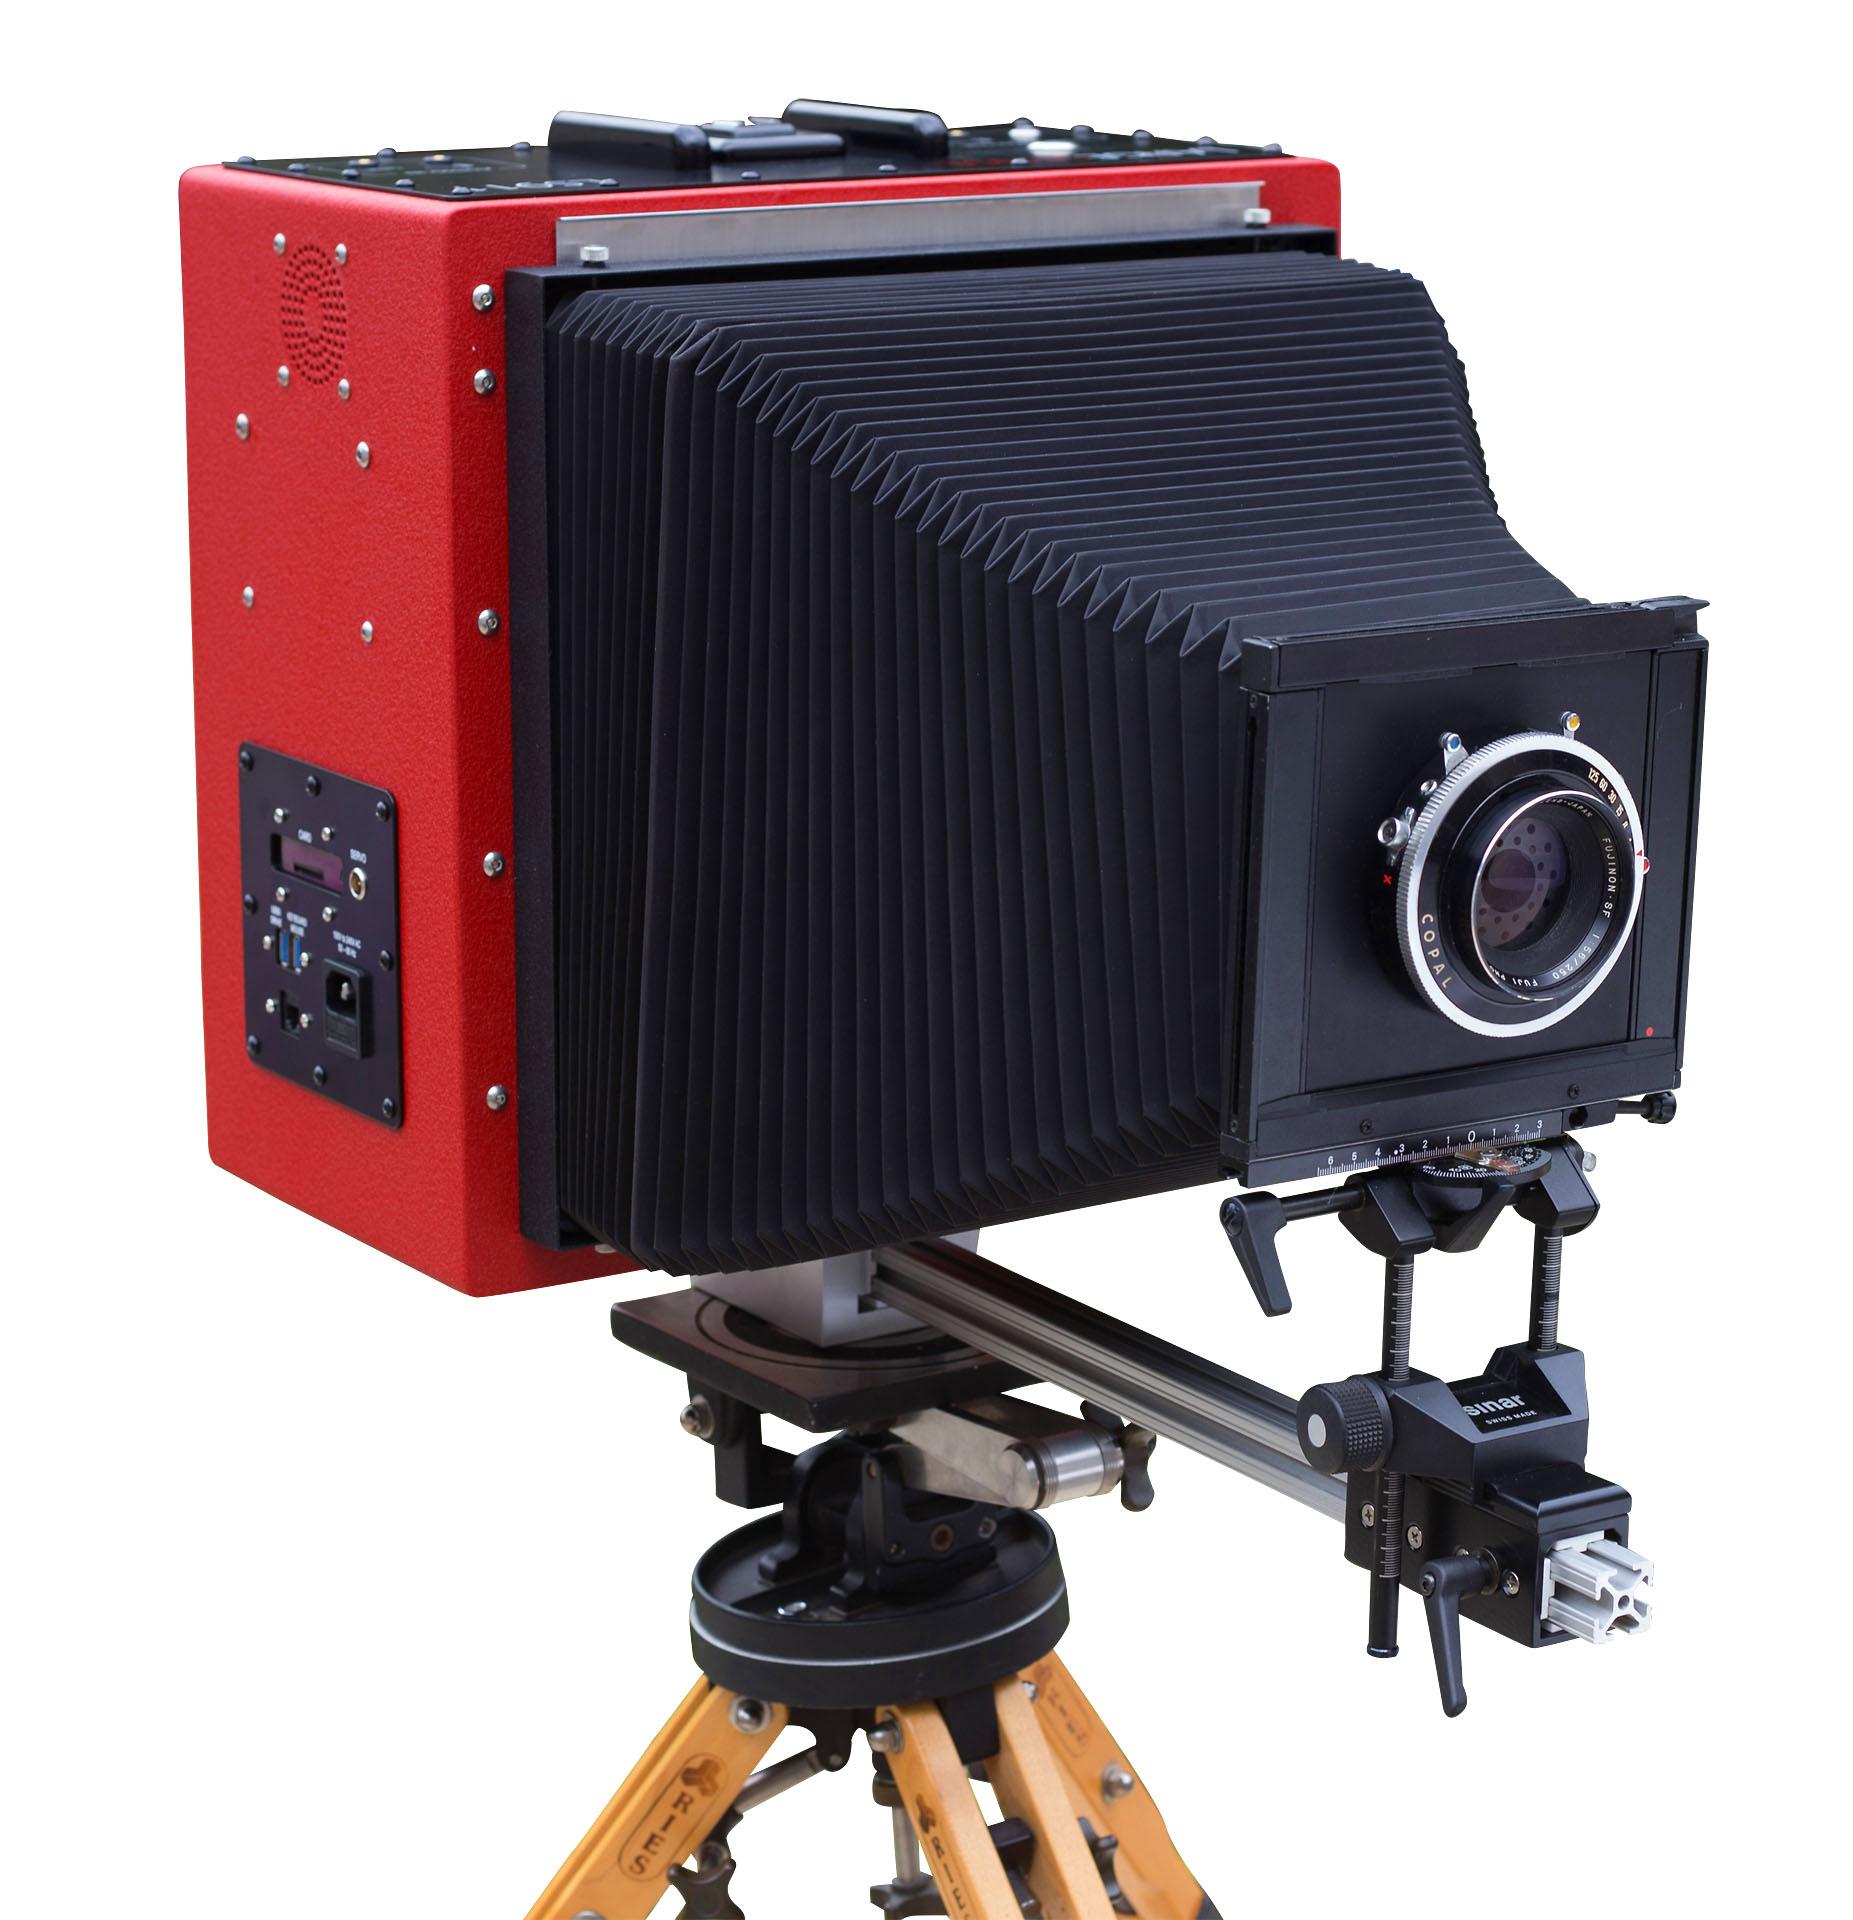 LS911, la primera cámara digital de fotograma completo 8x10